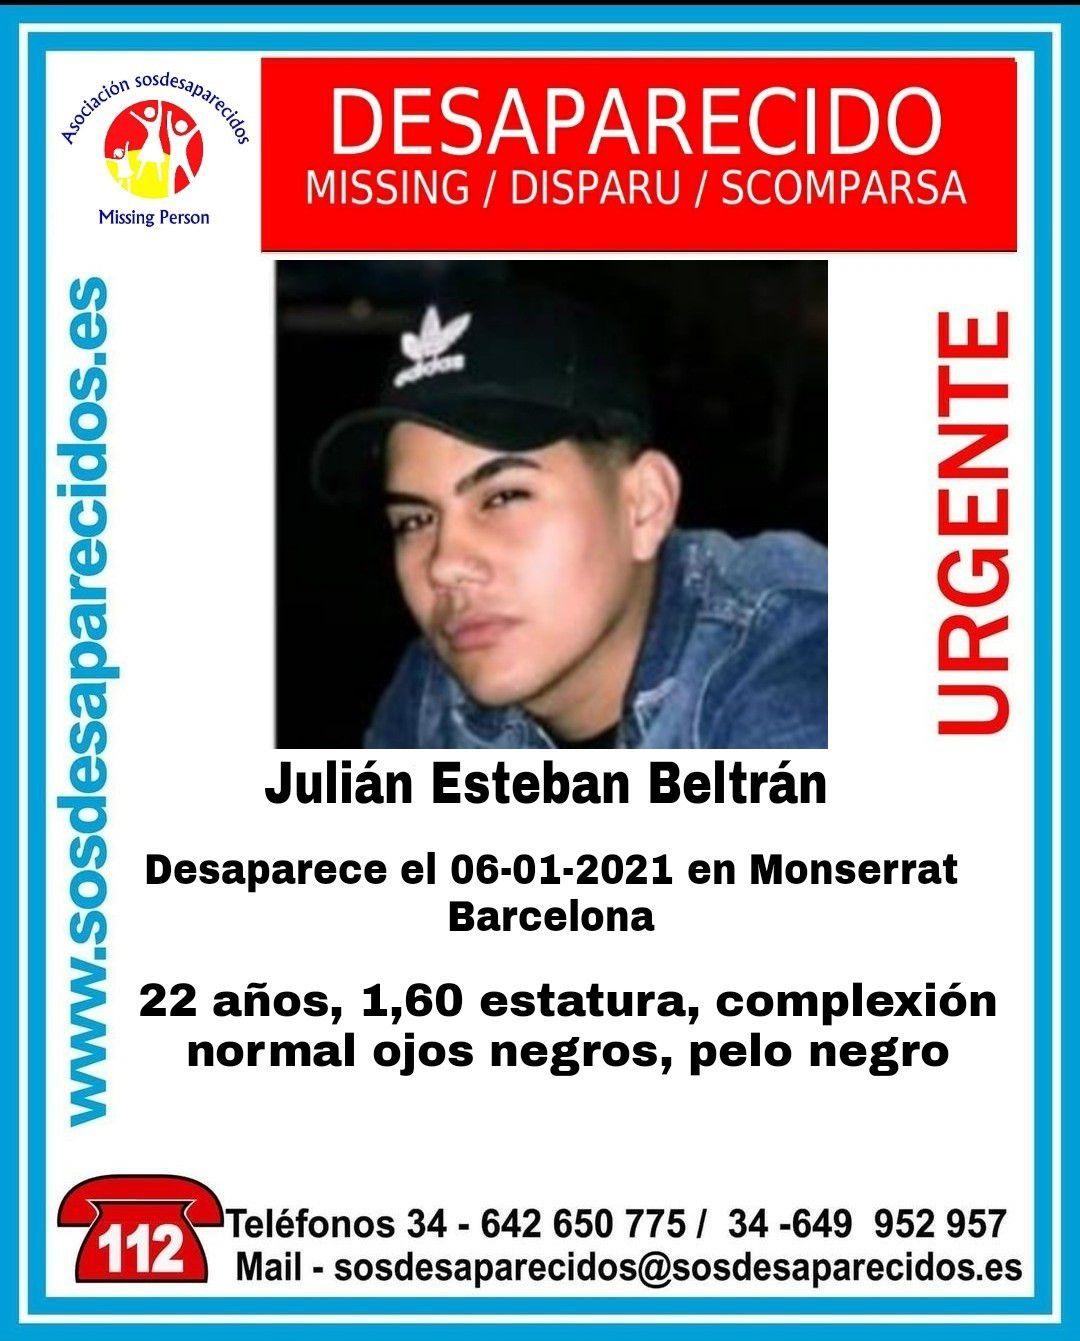 23/01/2021 Joven desaparecido. SOCIEDAD CATALUÑA ESPAÑA EUROPA BARCELONA SOSDESAPARECIDOS